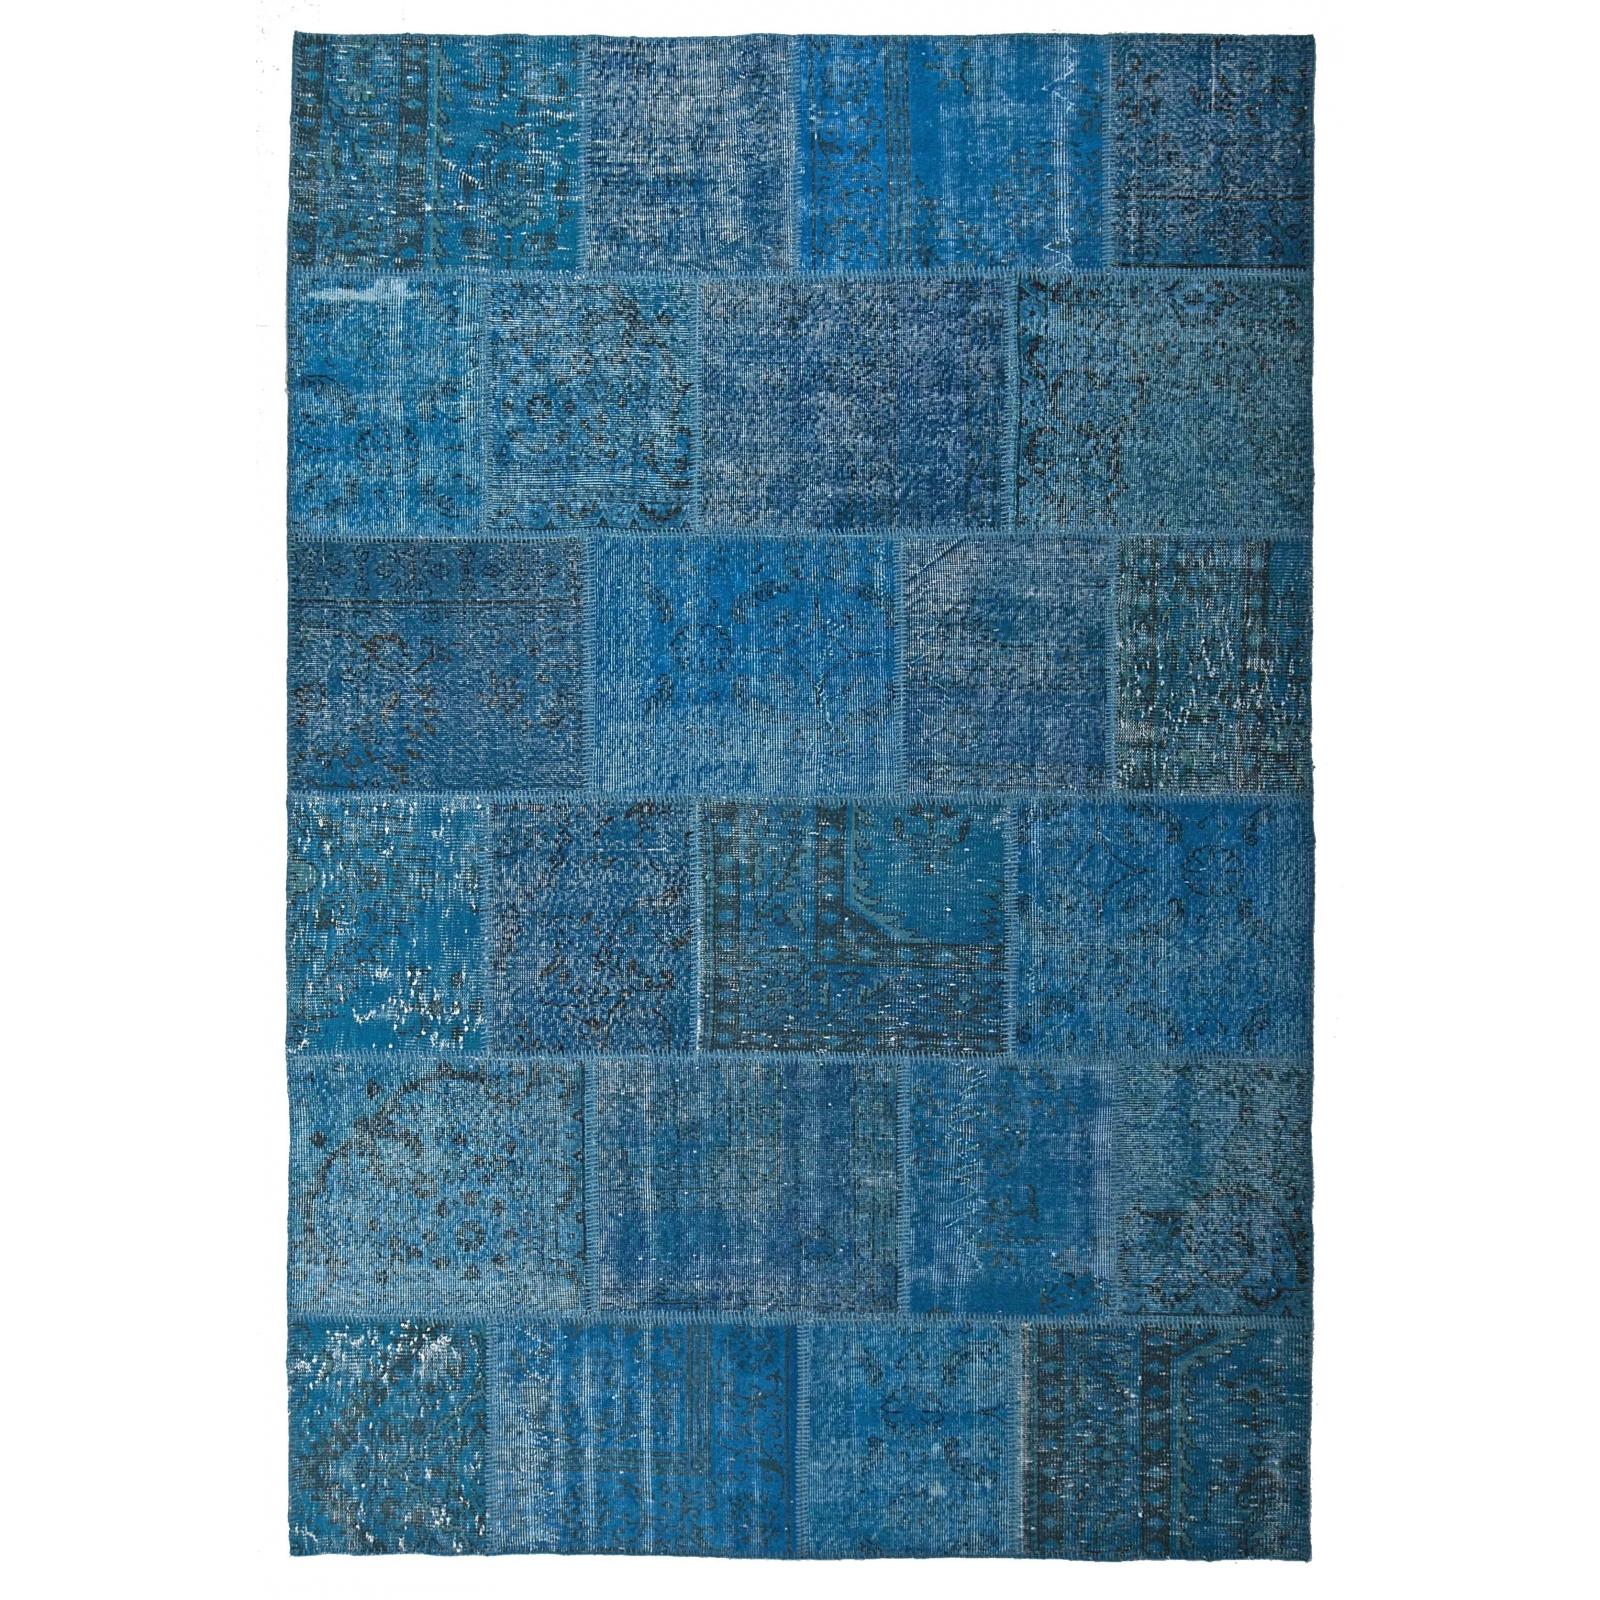 Flickenteppich blau  Blau vintage patchwork flicken teppich (200x300cm)